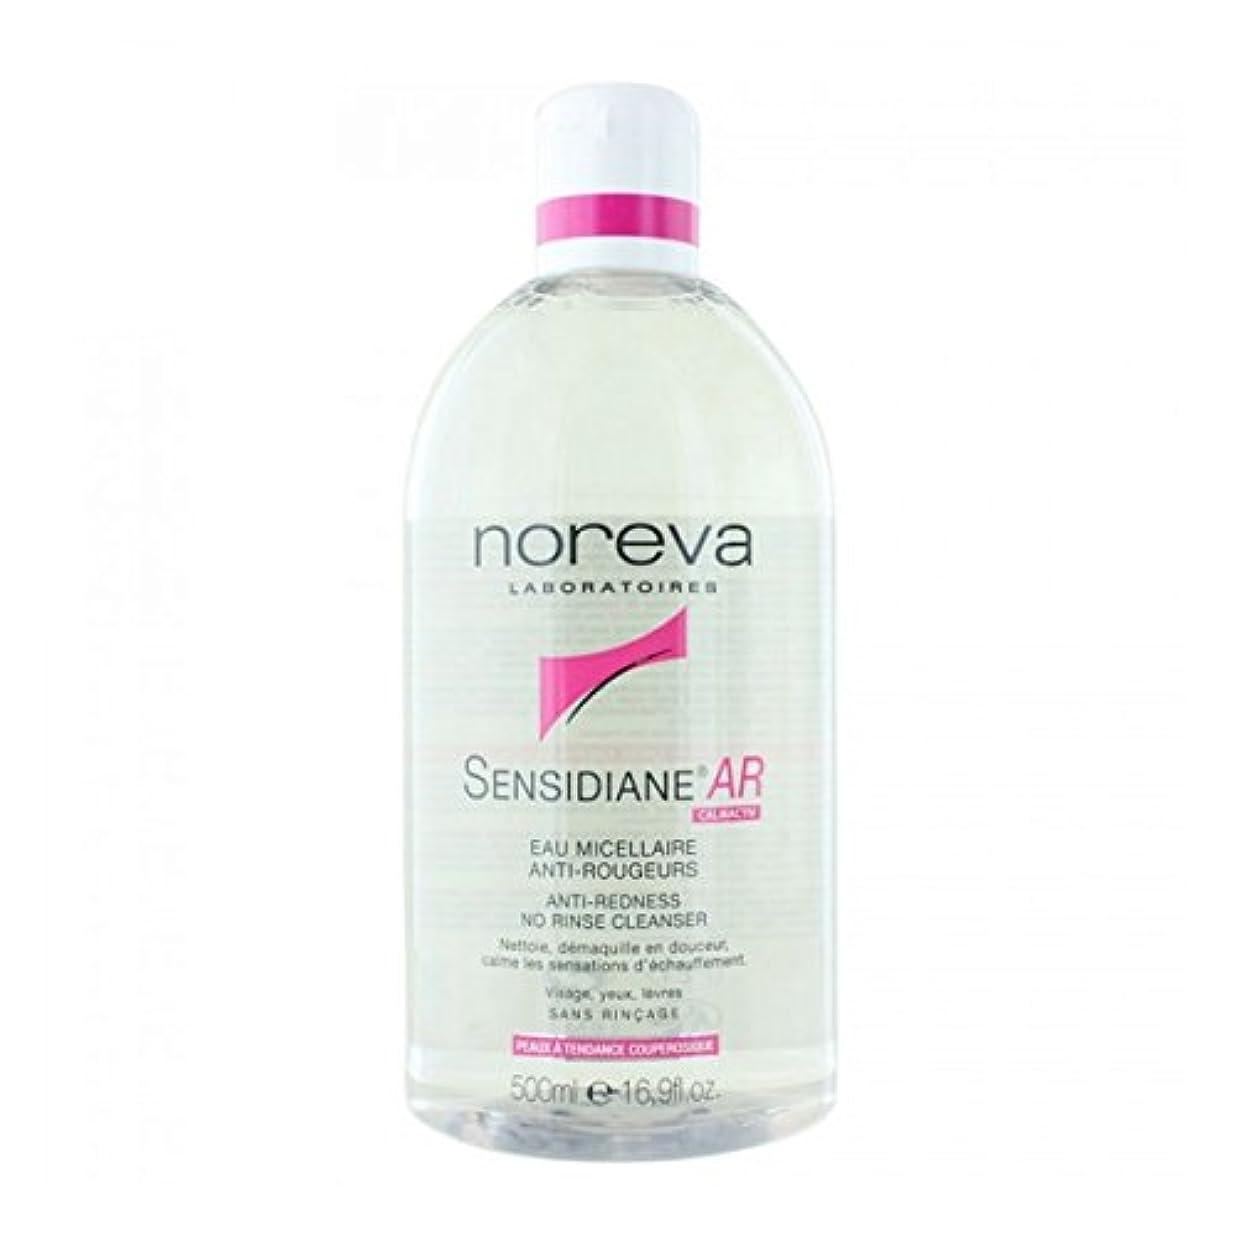 聴覚役に立つ展開するNoreva Sensidiane Ar Anti-redness No Rinse Cleanser 500ml [並行輸入品]